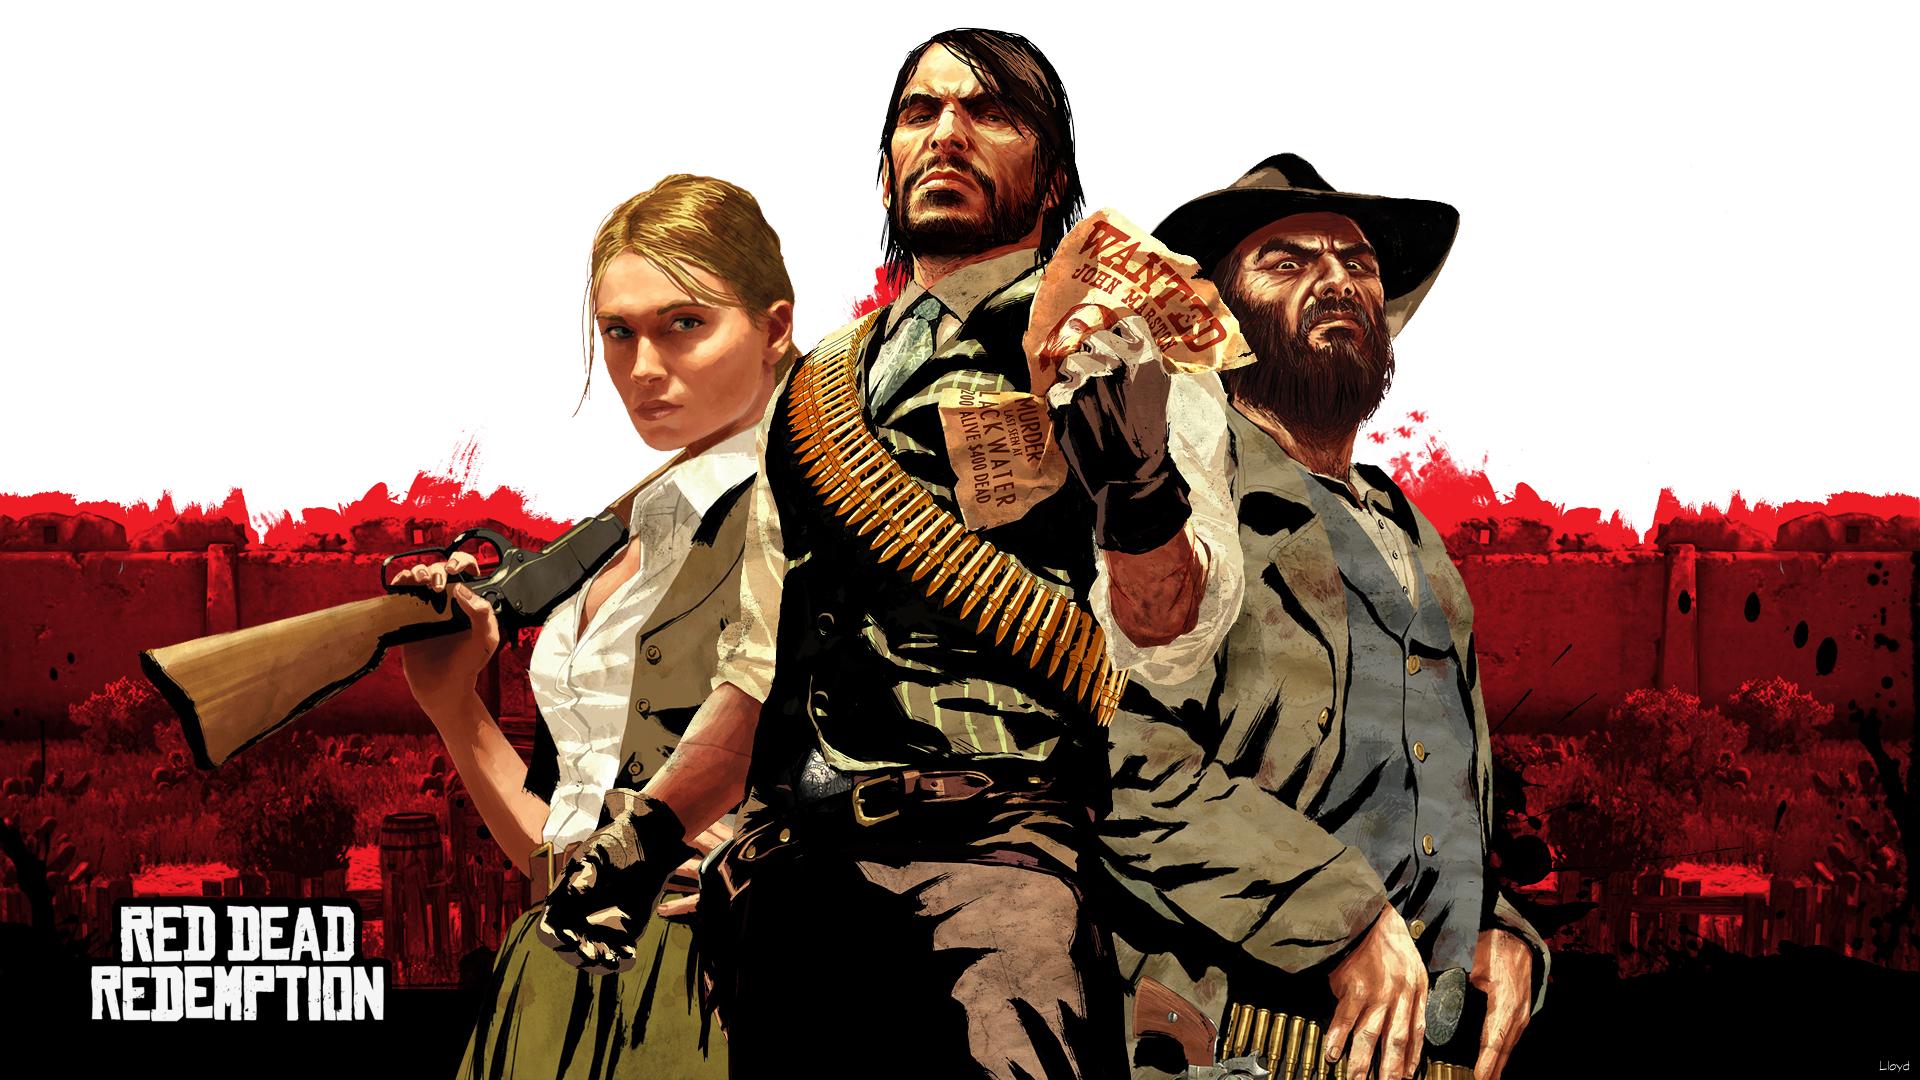 Ventas de Red Dead Redemption aumentan 6000%